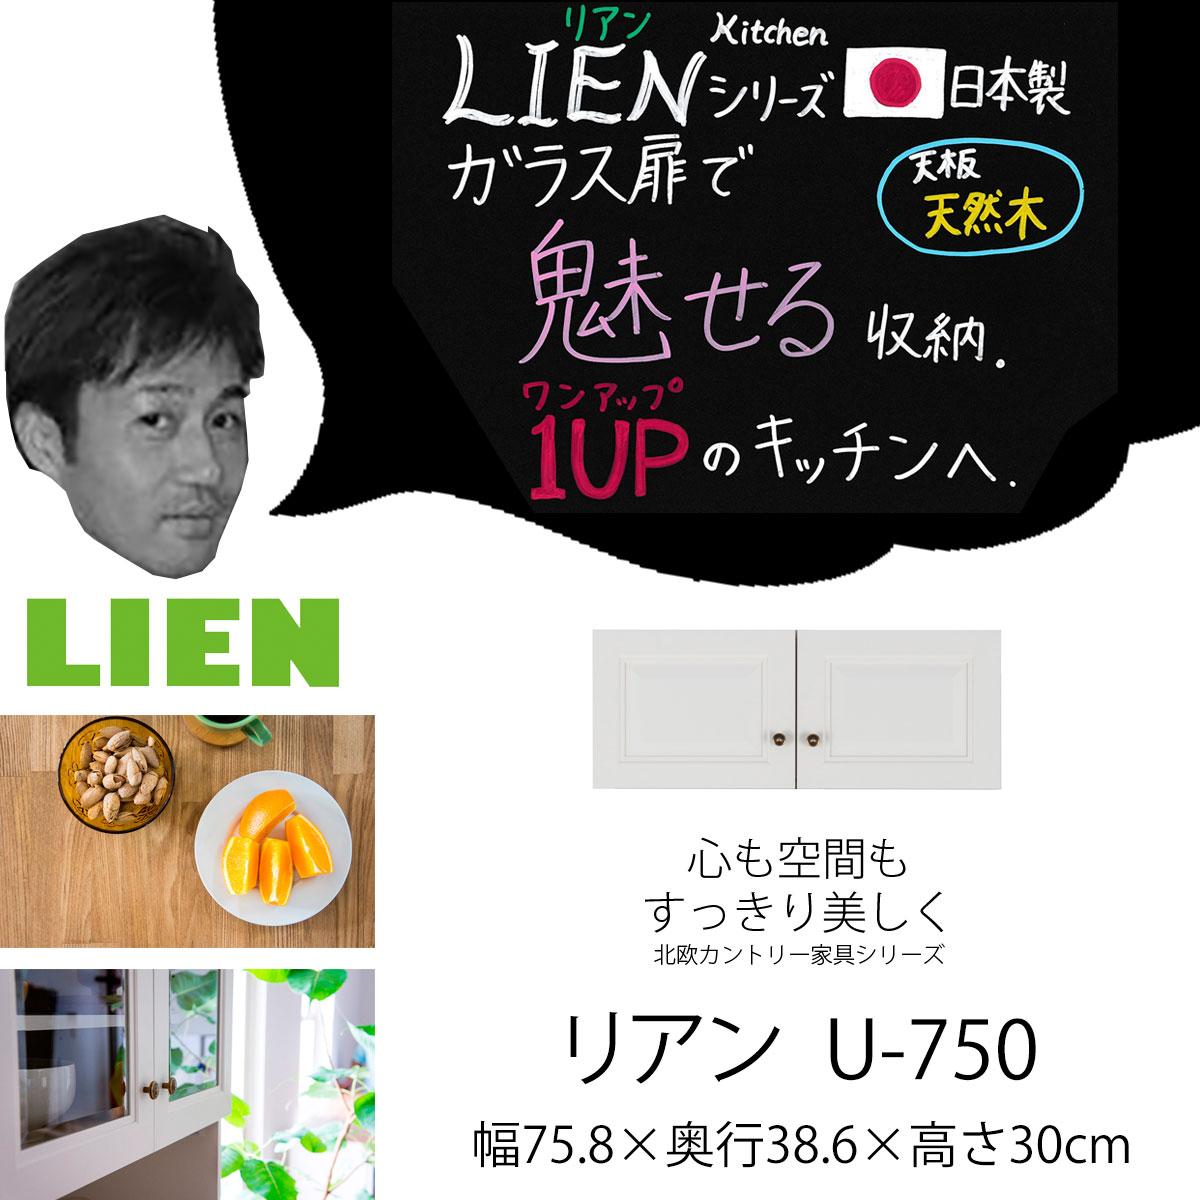 リアン上置 U-750 【本州四国は設置付き】ユーアイ 食器棚 カントリー調 日本製 国産